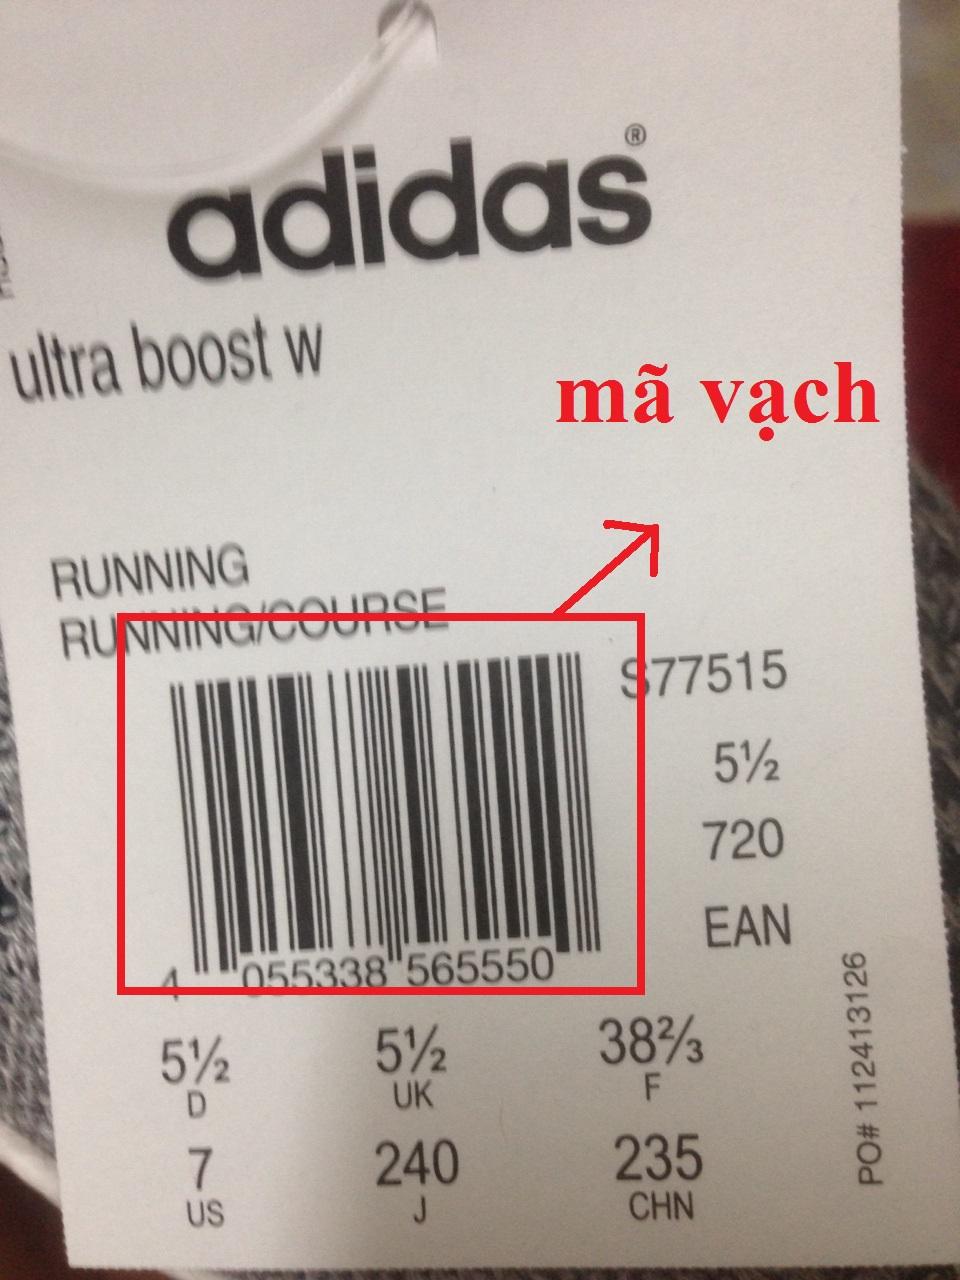 Chia Sẻ Cach Phan Biệt Giầy Adidas Fake Va Real Fanboy Tag